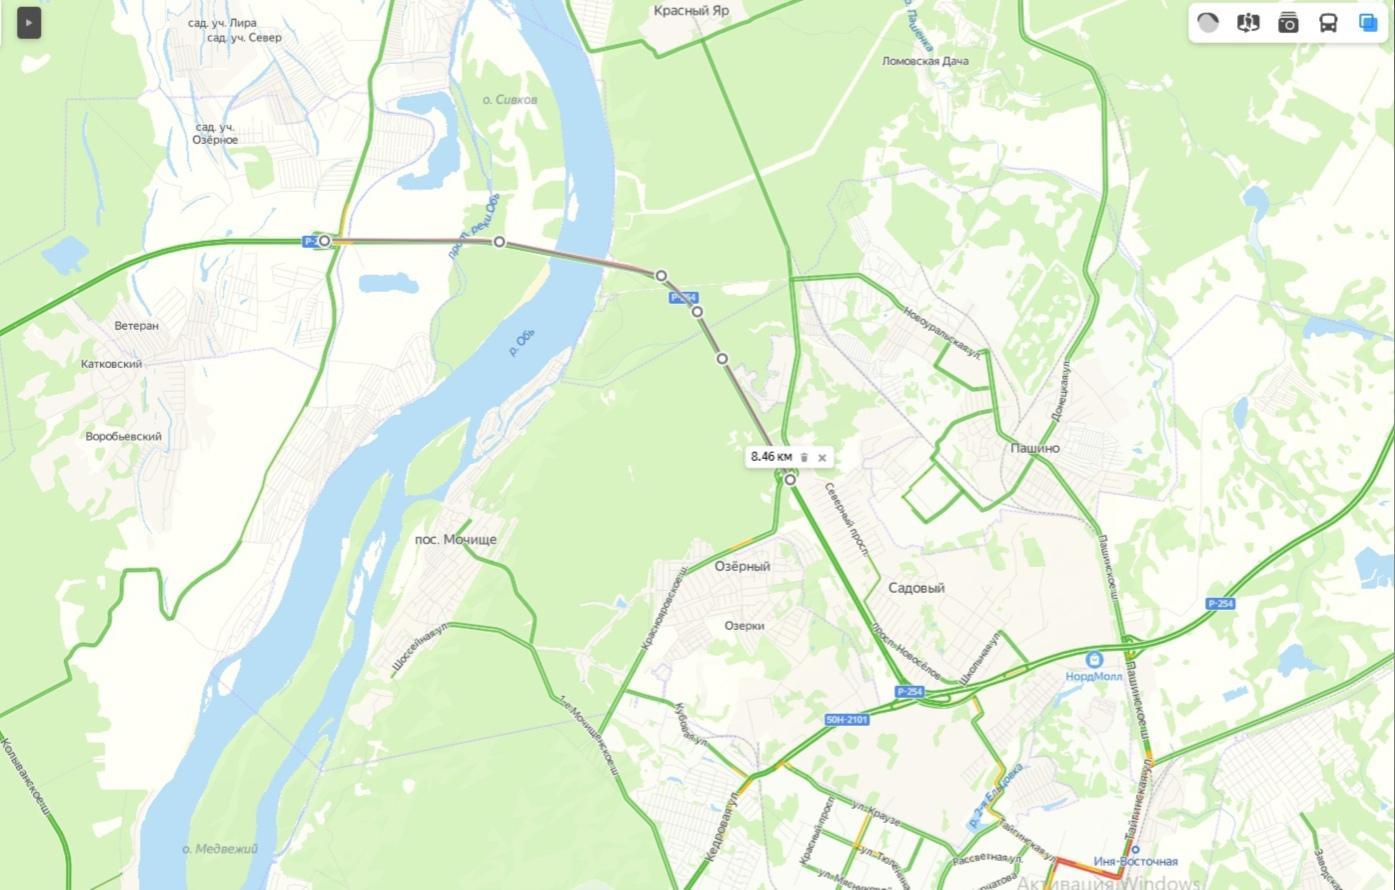 фото Пробка длиной 8,5 километра собралась на Северном объезде Новосибирска 25 июня 2